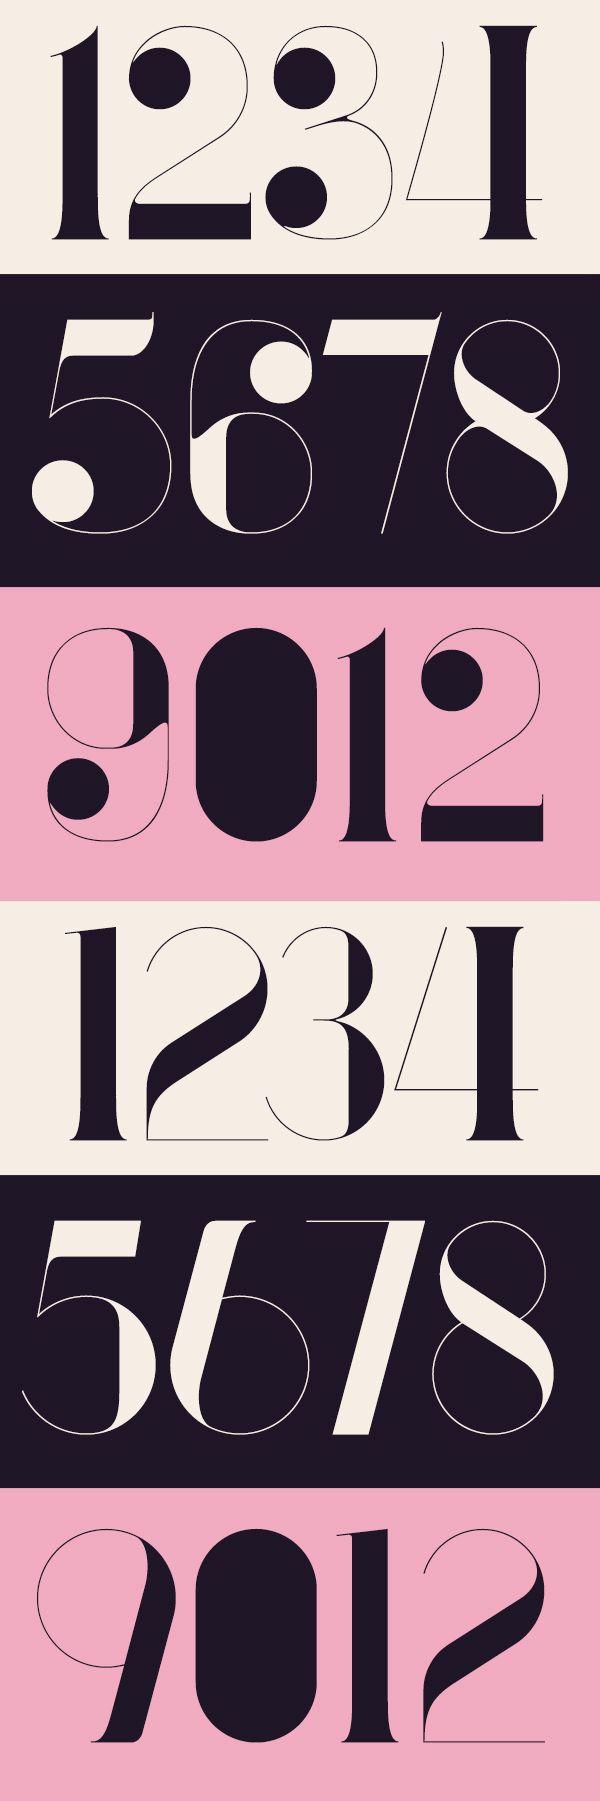 Immagine 8: Molto interessante le forme dei numeri e la scelta dei colori che mi ricordano i donut.